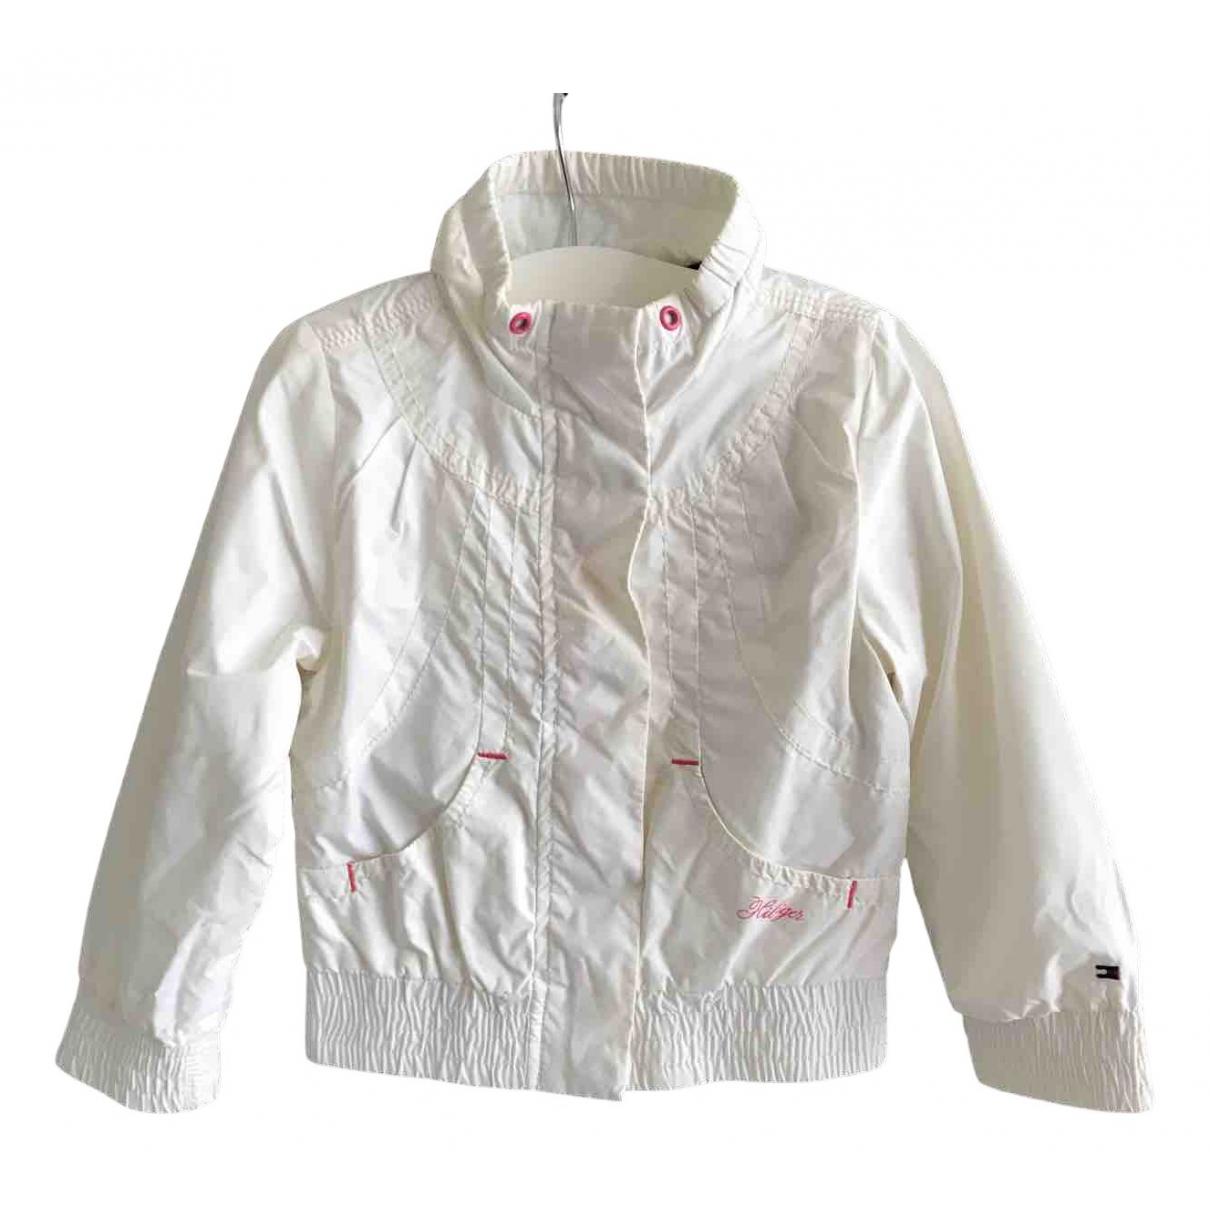 Tommy Hilfiger - Blousons.Manteaux   pour enfant - blanc